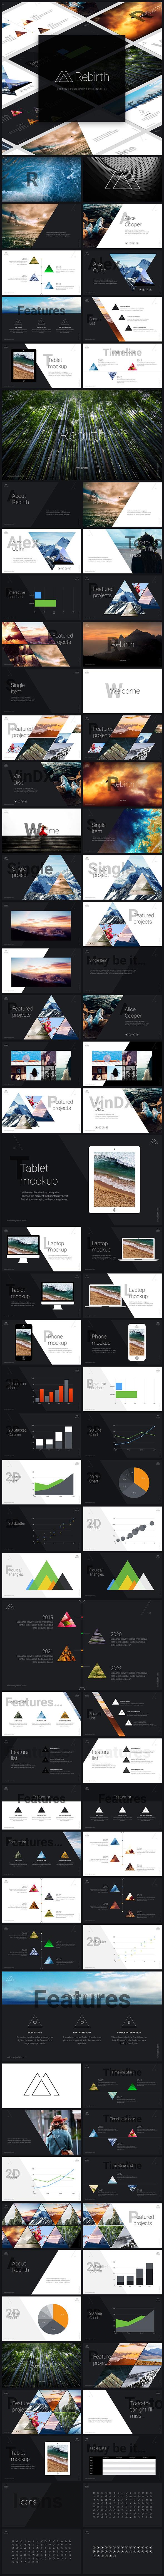 Rebirth PowerPoint Presentation - Creative PowerPoint Templates